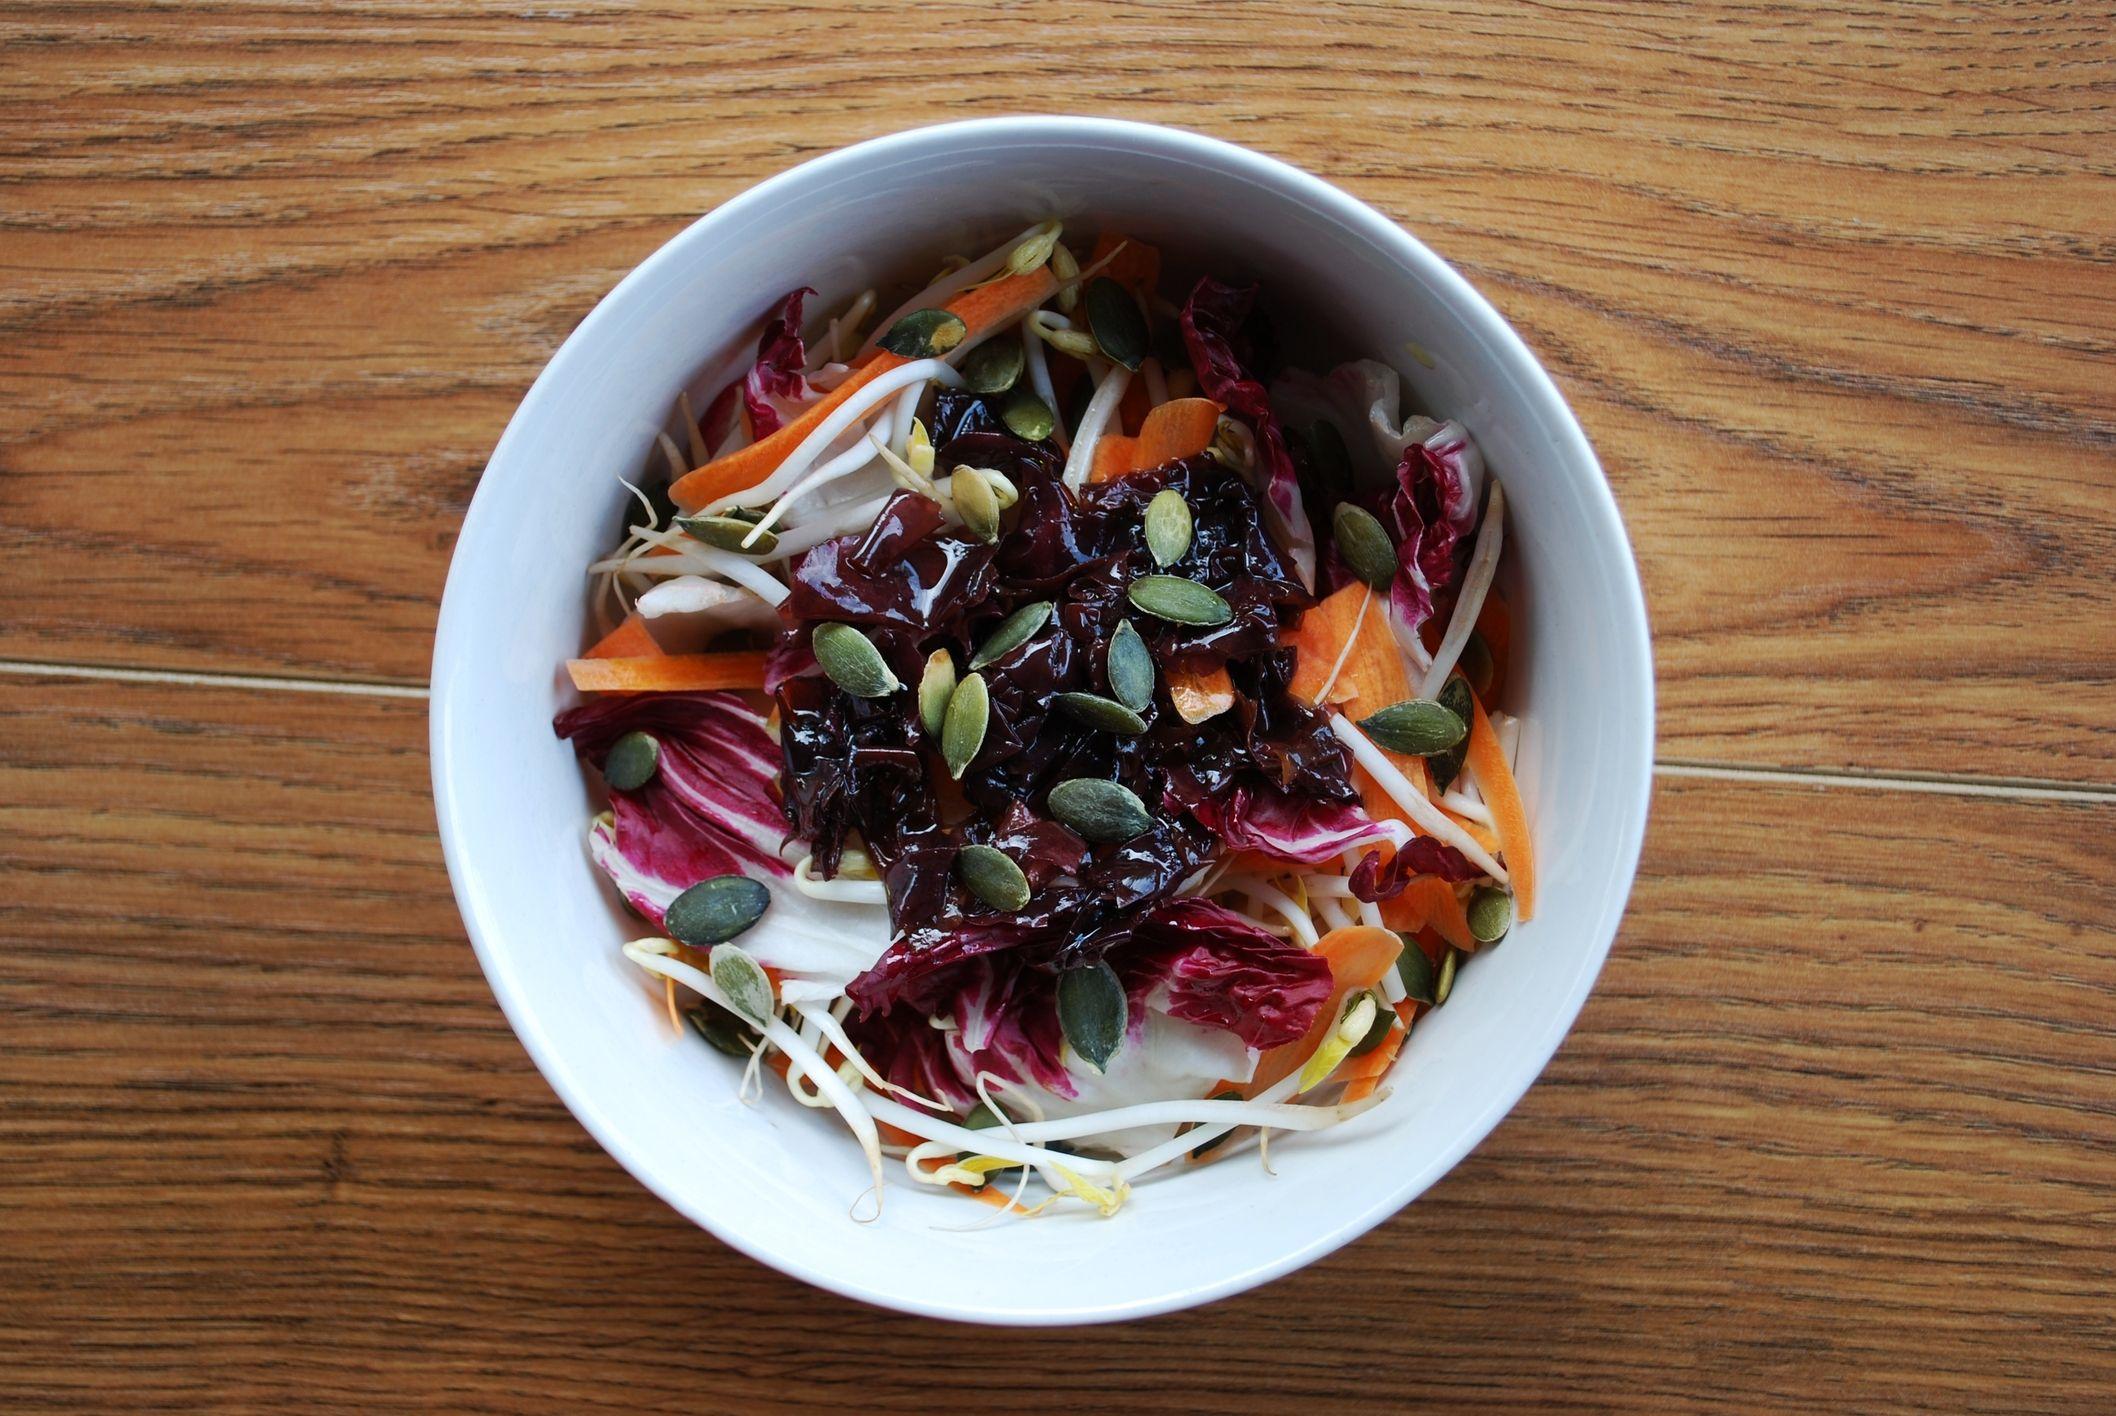 Insalata di radicchio, cavolo rosso e carote con semi di zucca